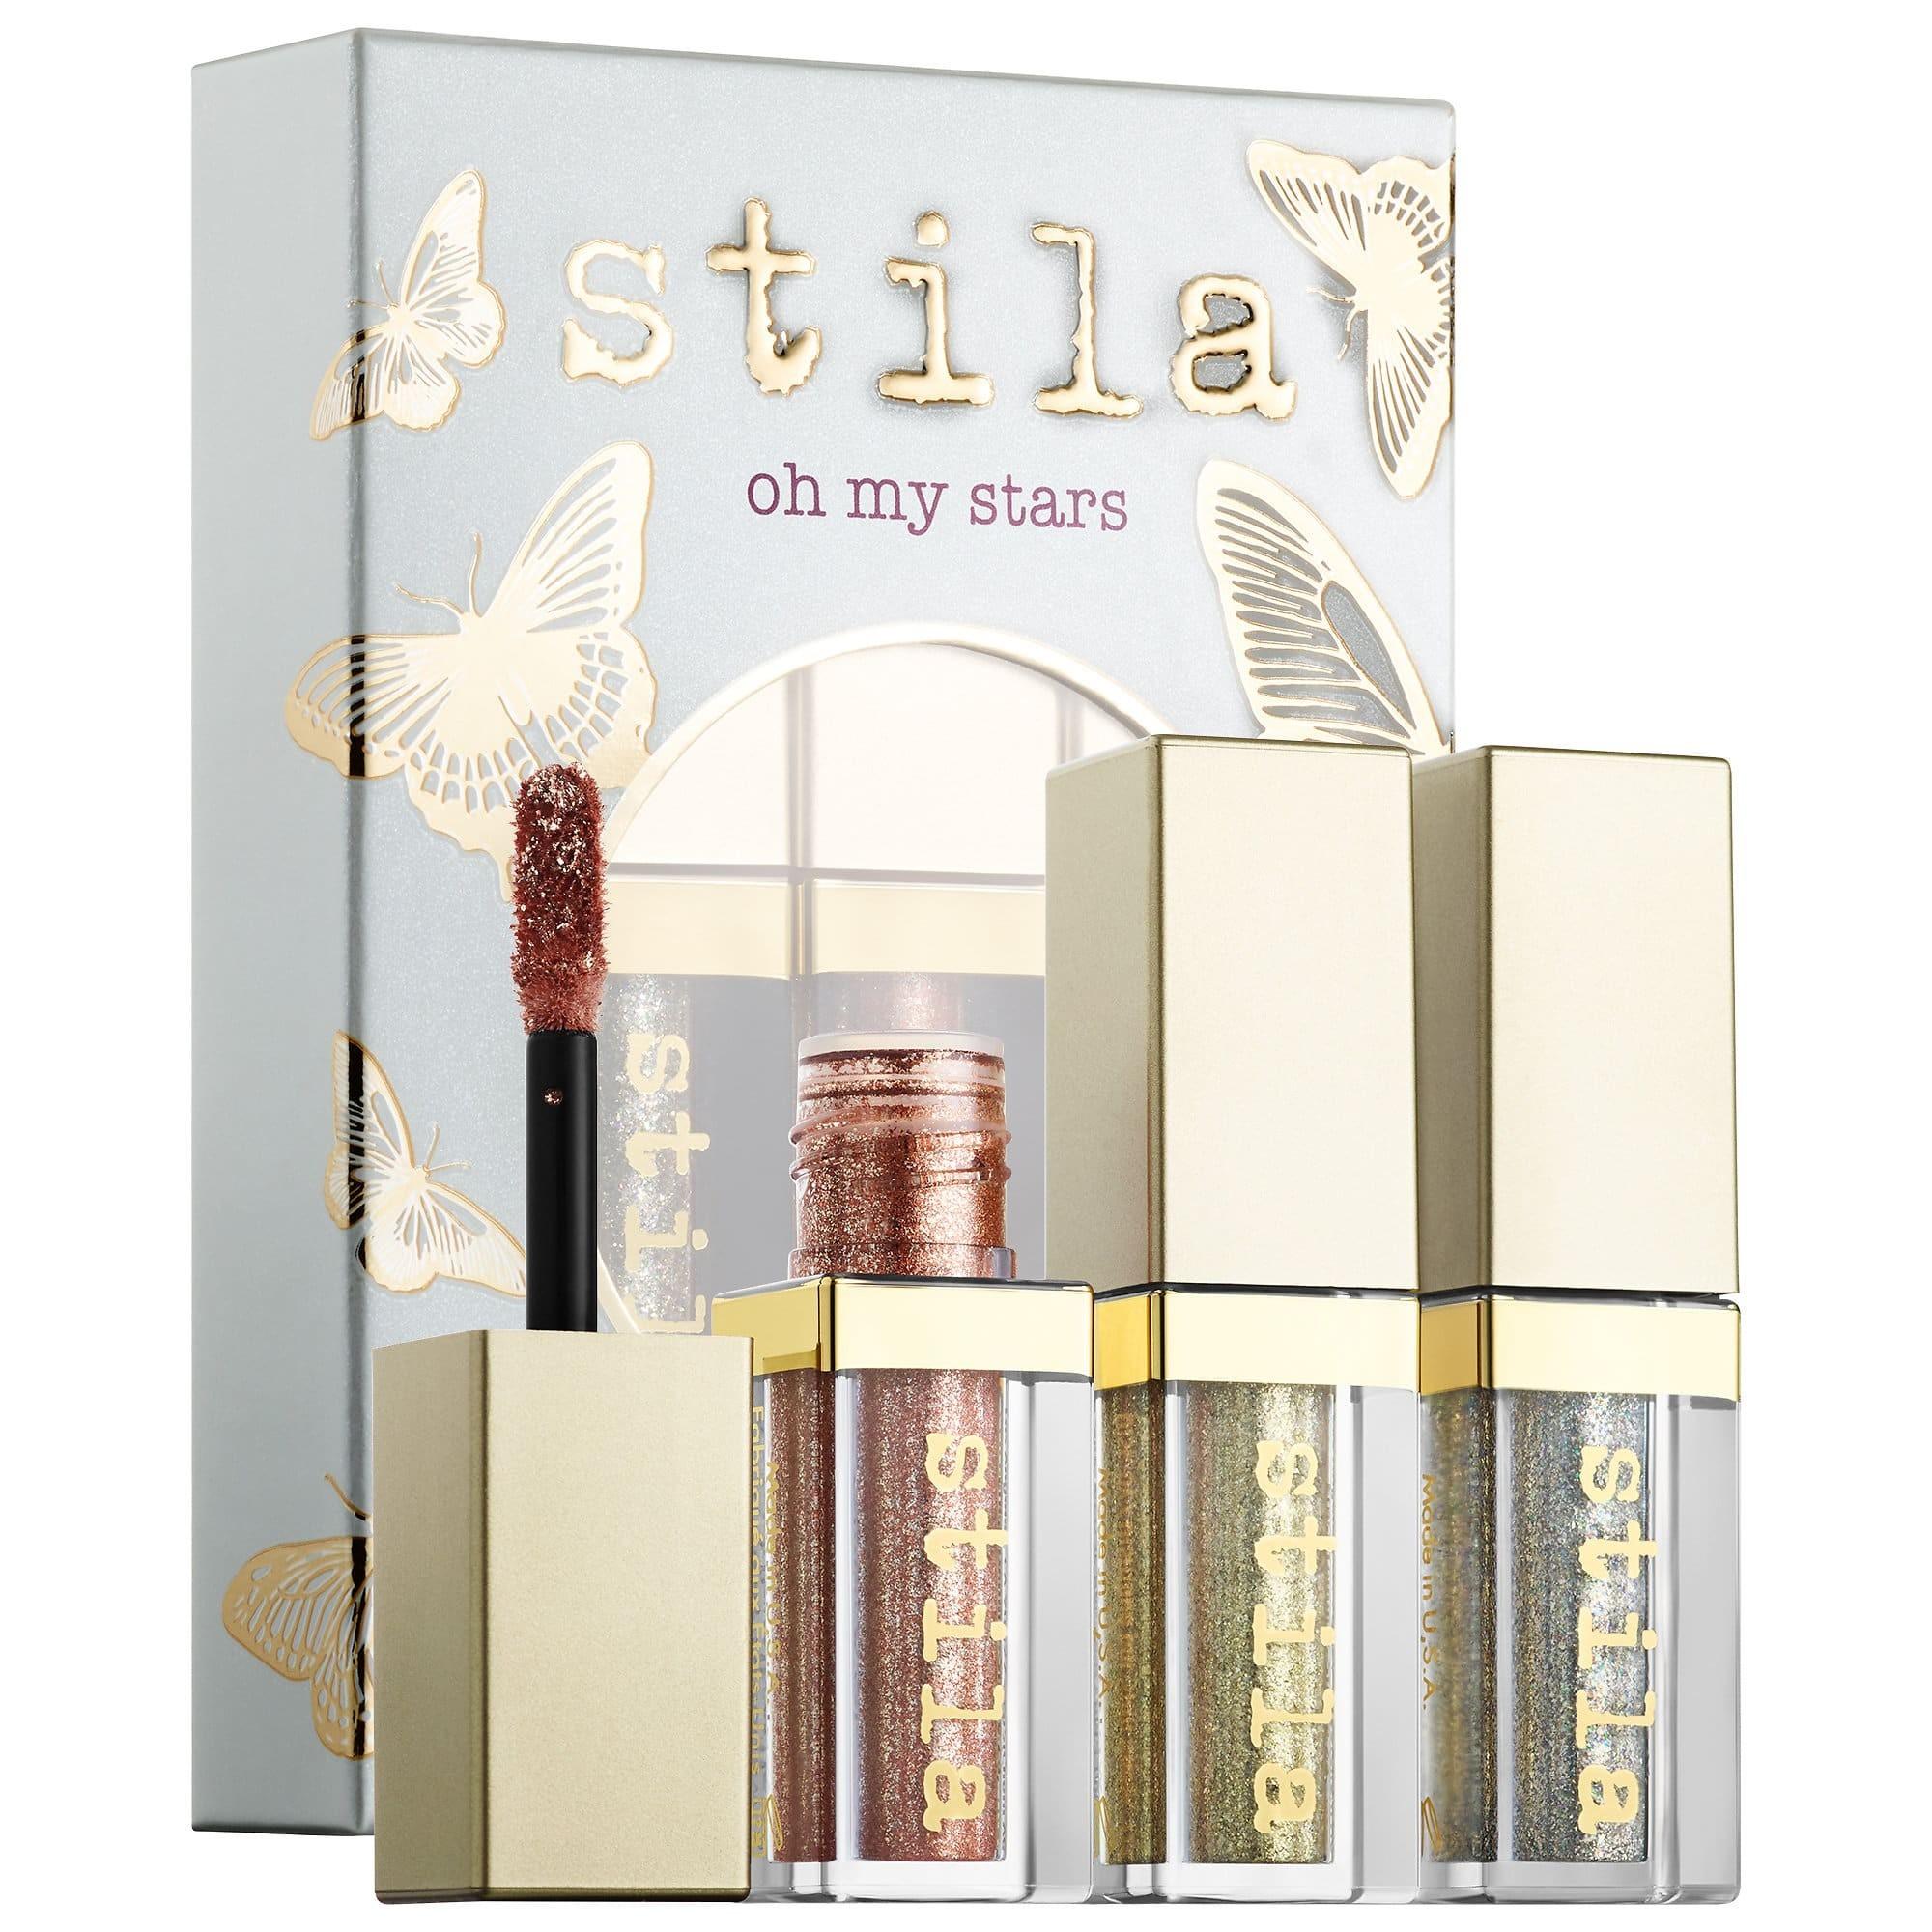 Stila Oh My Stars Glitter & Glow Liquid Eye Shadow Mini Set